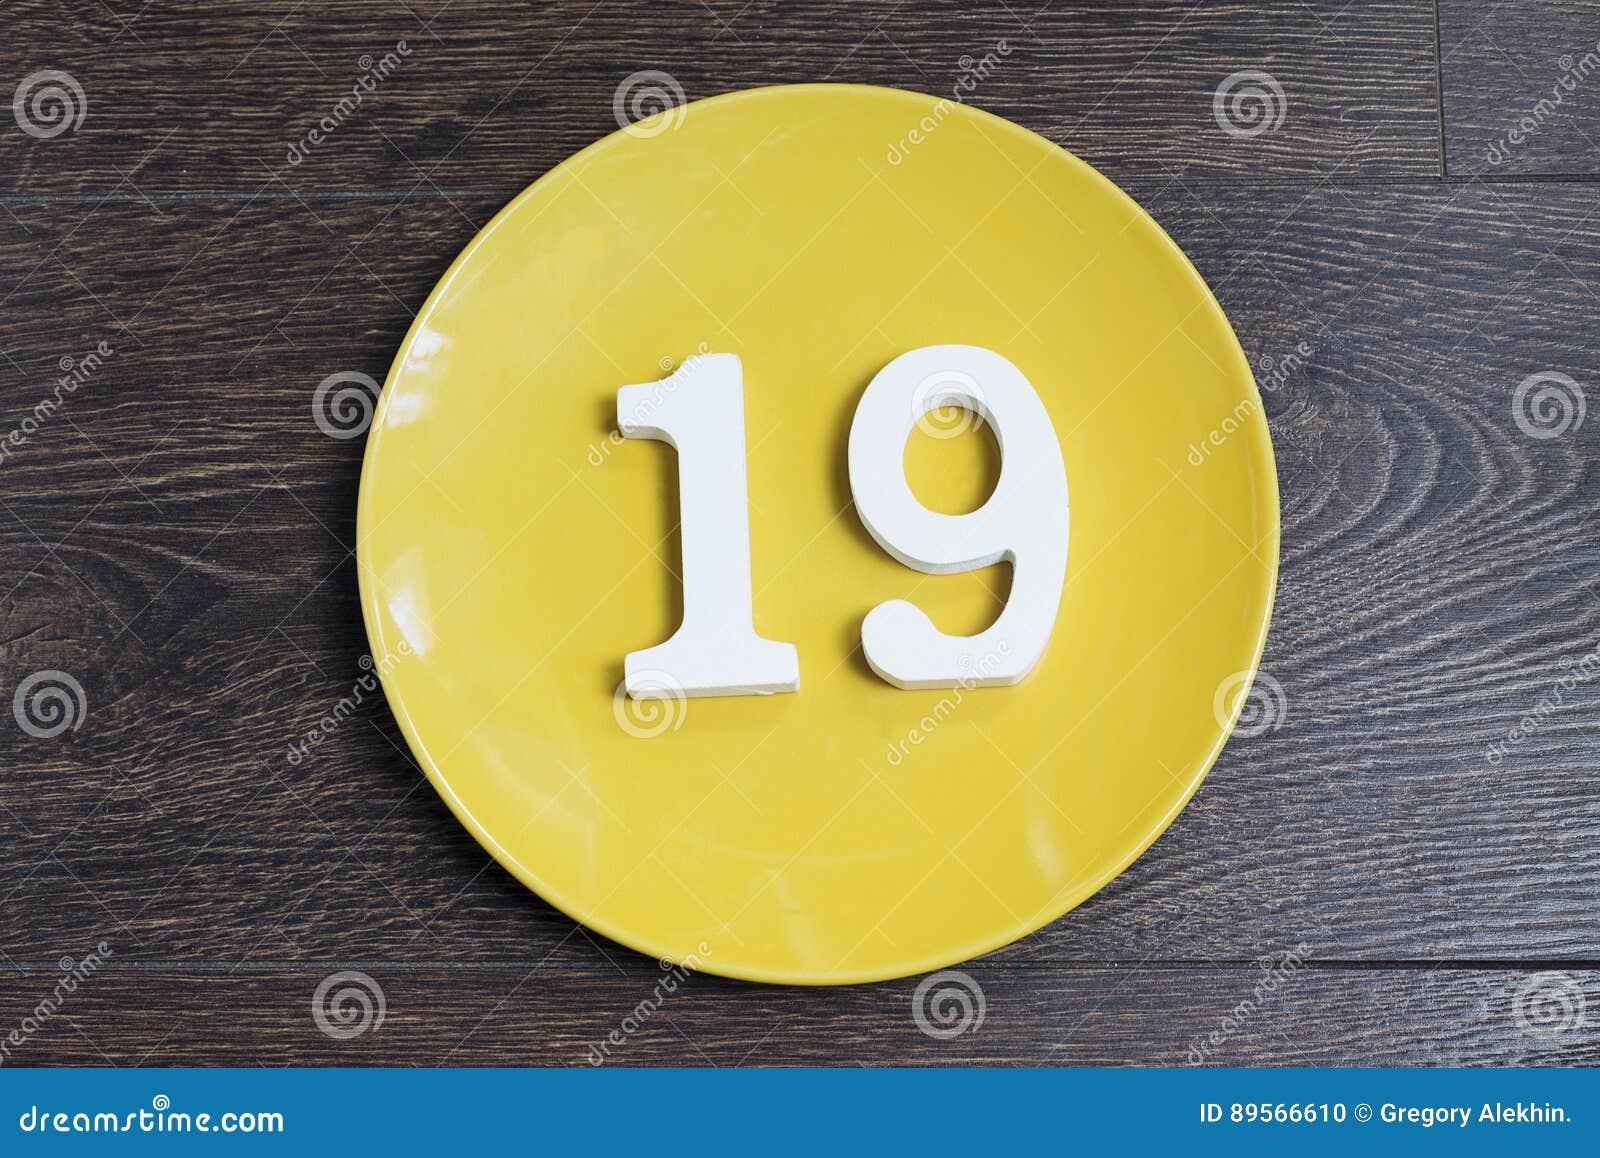 Диаграмма 19 на желтой плите